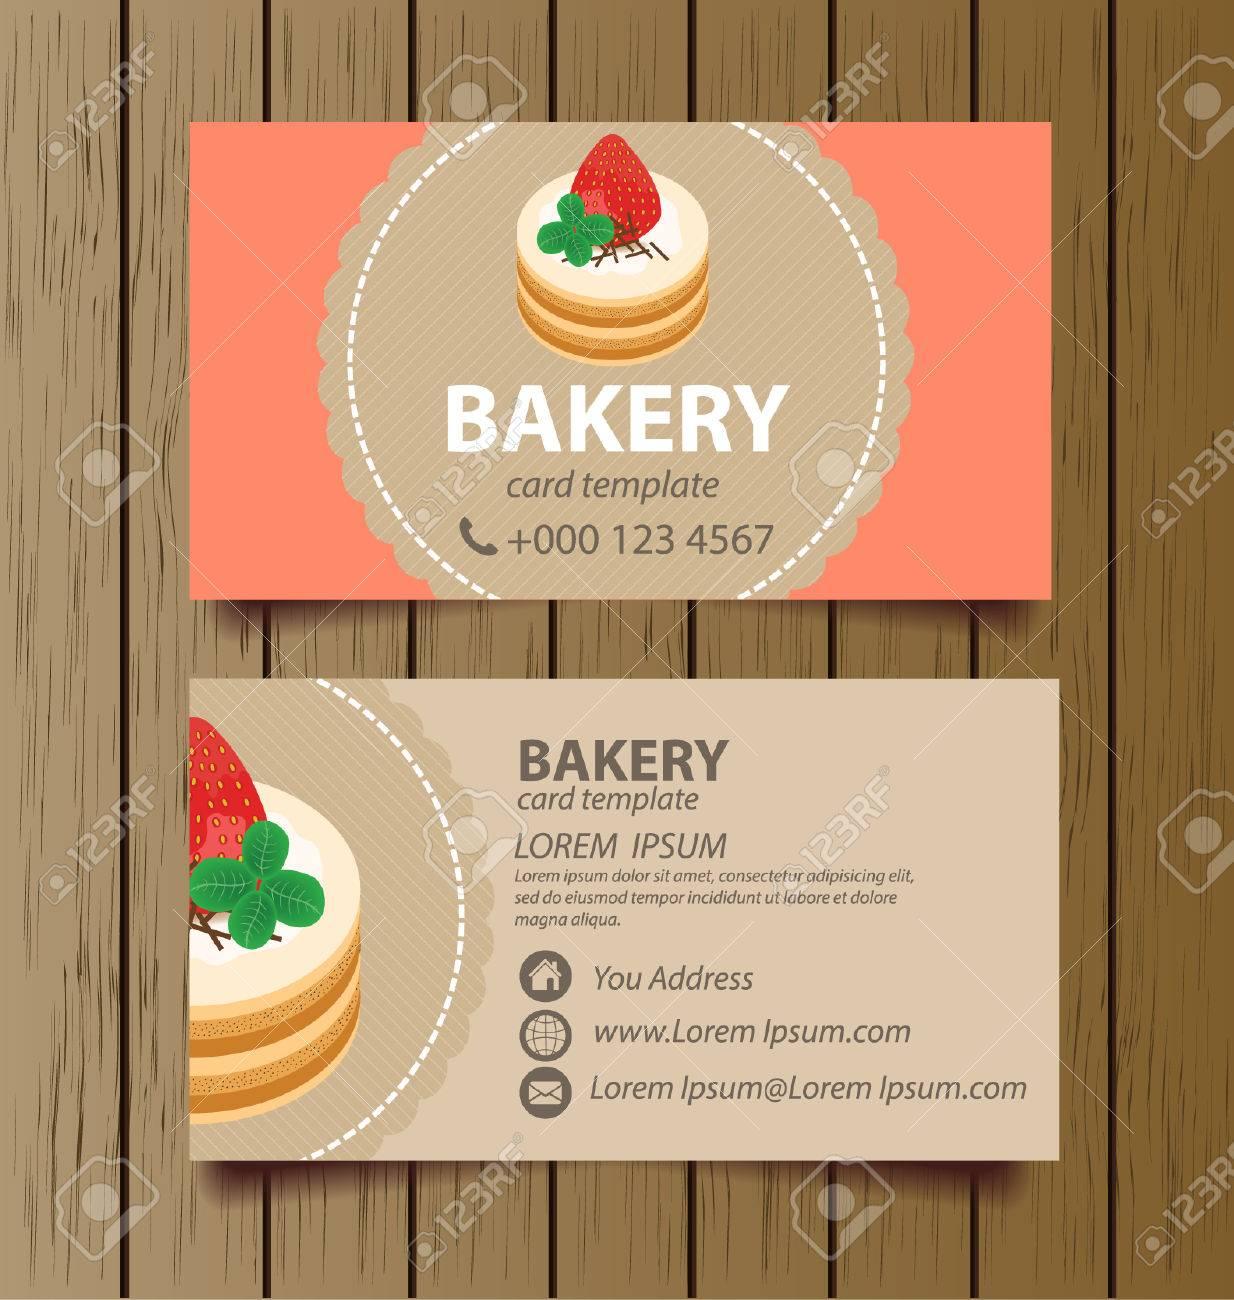 Modele De Carte Visite Pour La Boulangerie Vecteur Daffaires Illustration